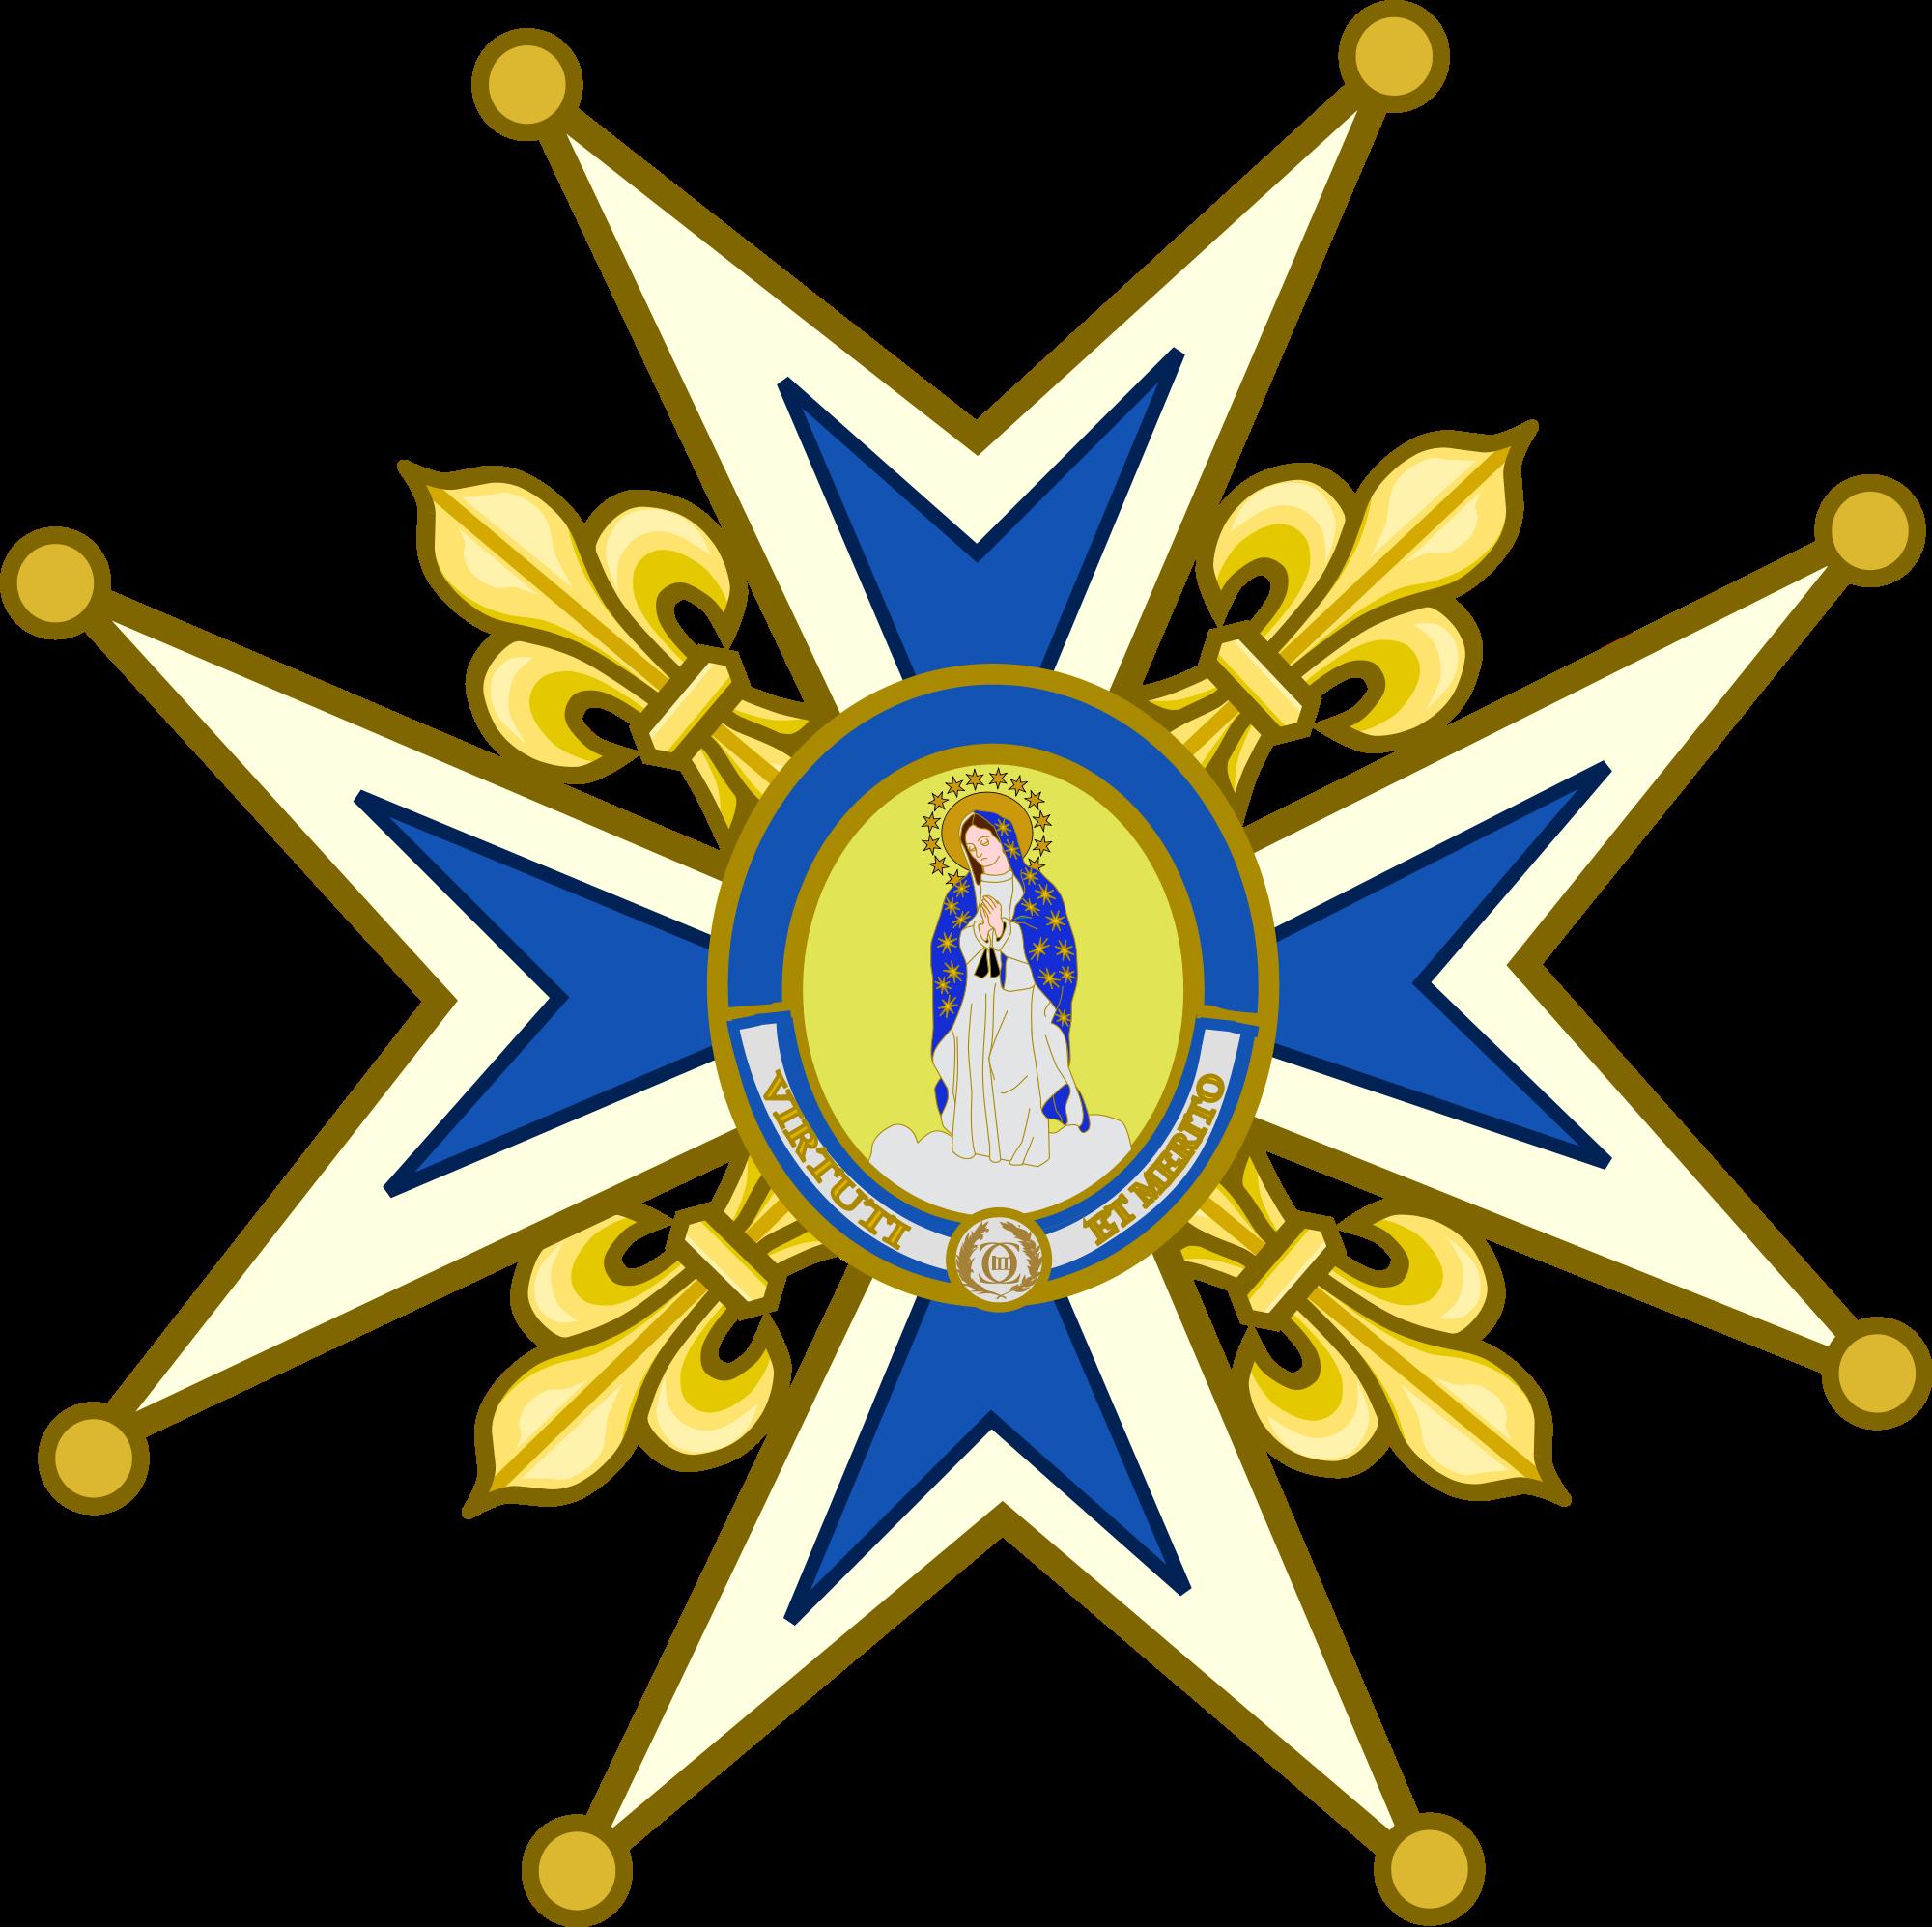 File:Venera de la Orden de Carlos III.svg.